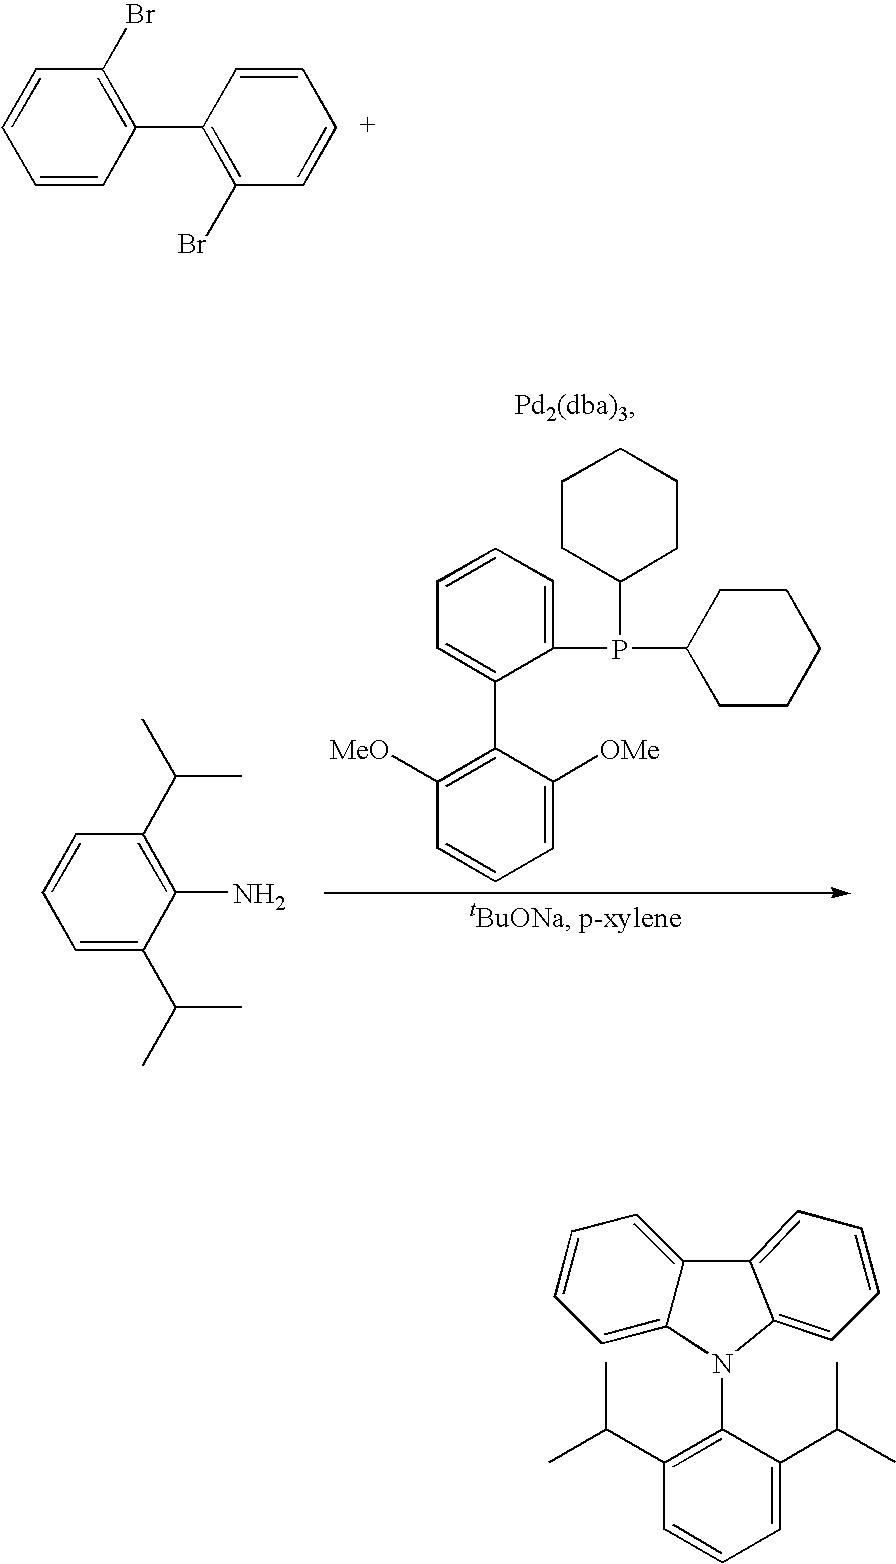 Figure US20090108737A1-20090430-C00170